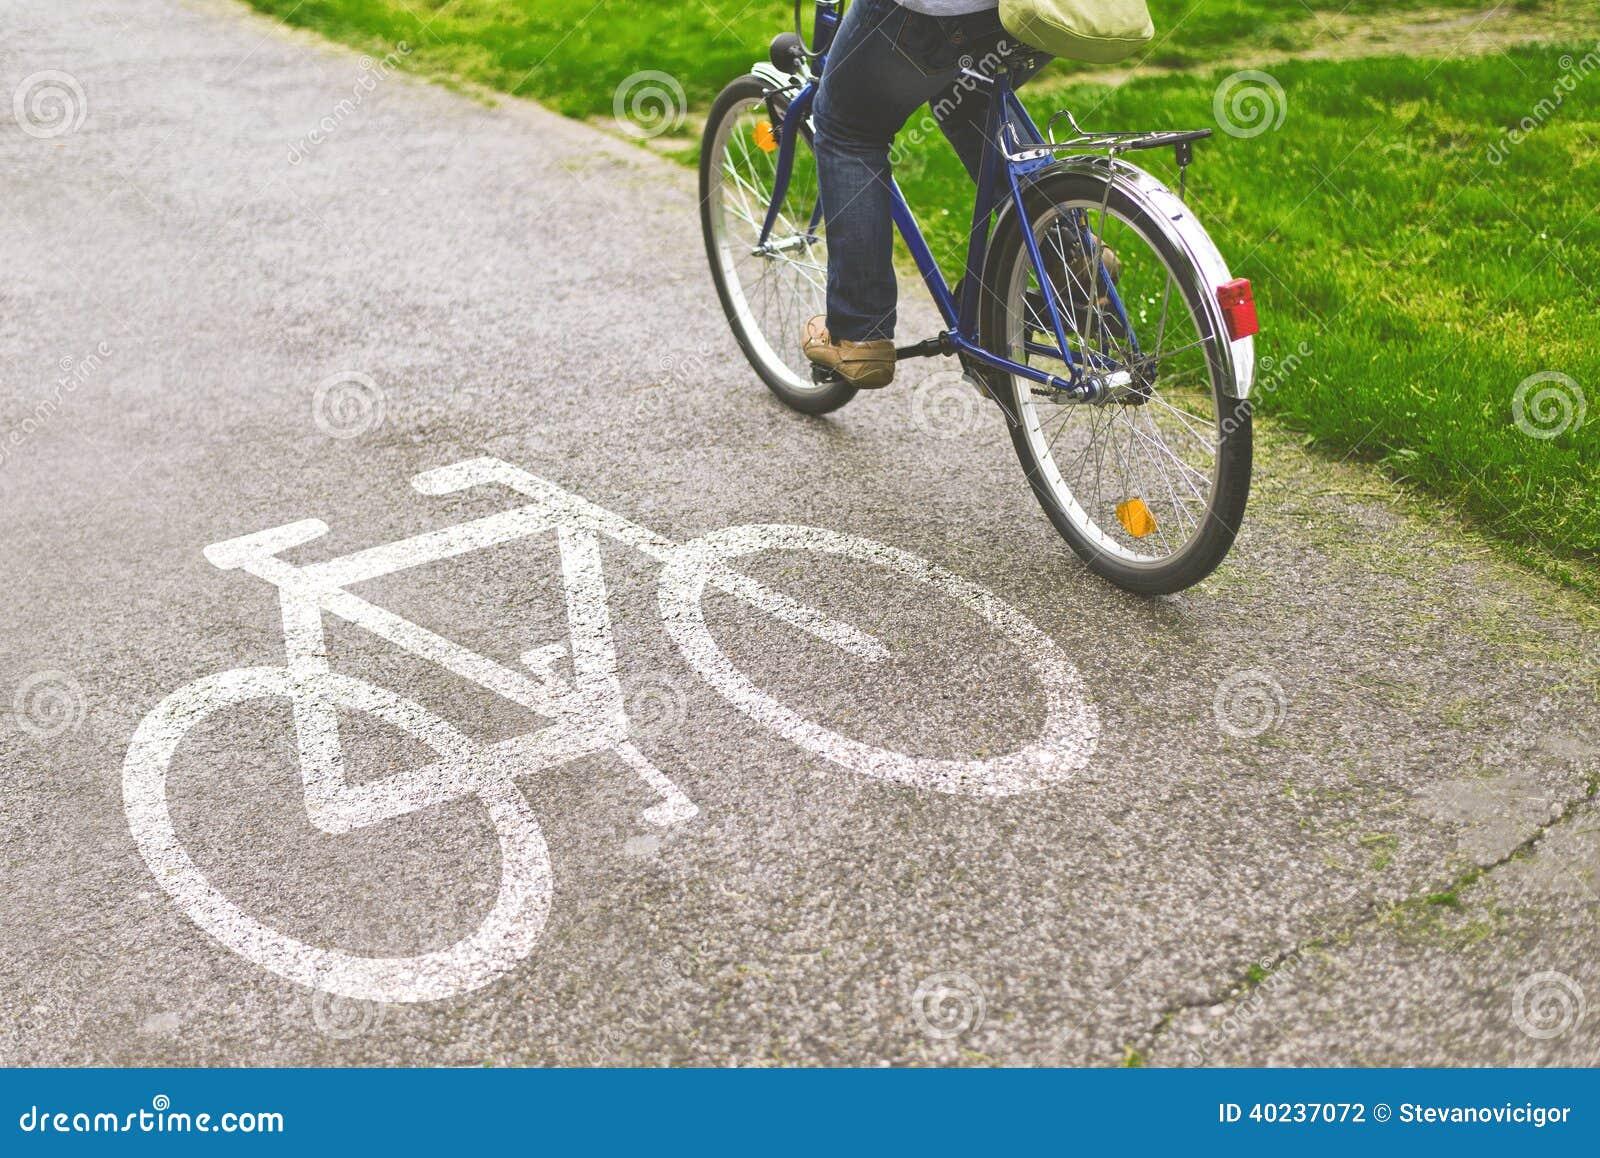 Οδηγώντας ποδήλατο γυναικών σε μια πορεία ποδηλάτων